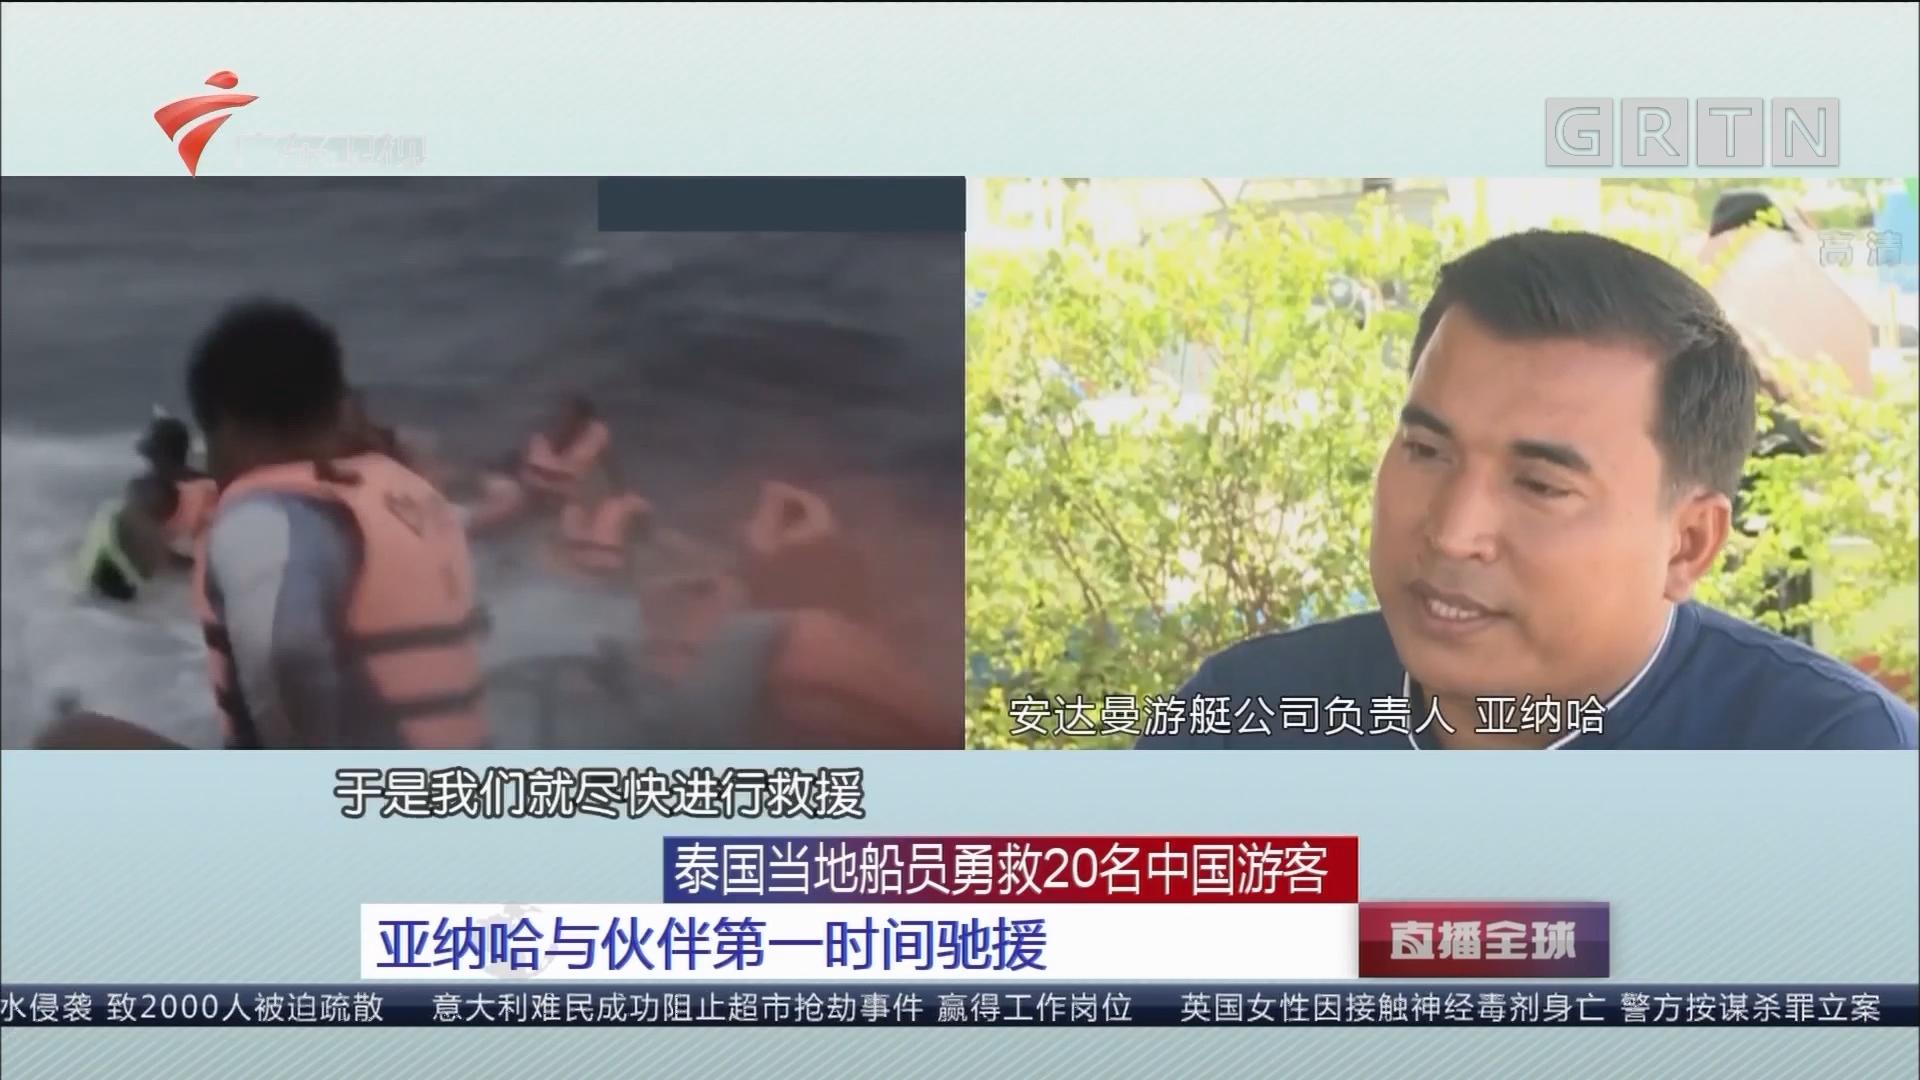 泰国当地船员勇救20名中国游客:亚纳哈与伙伴第一时间驰援